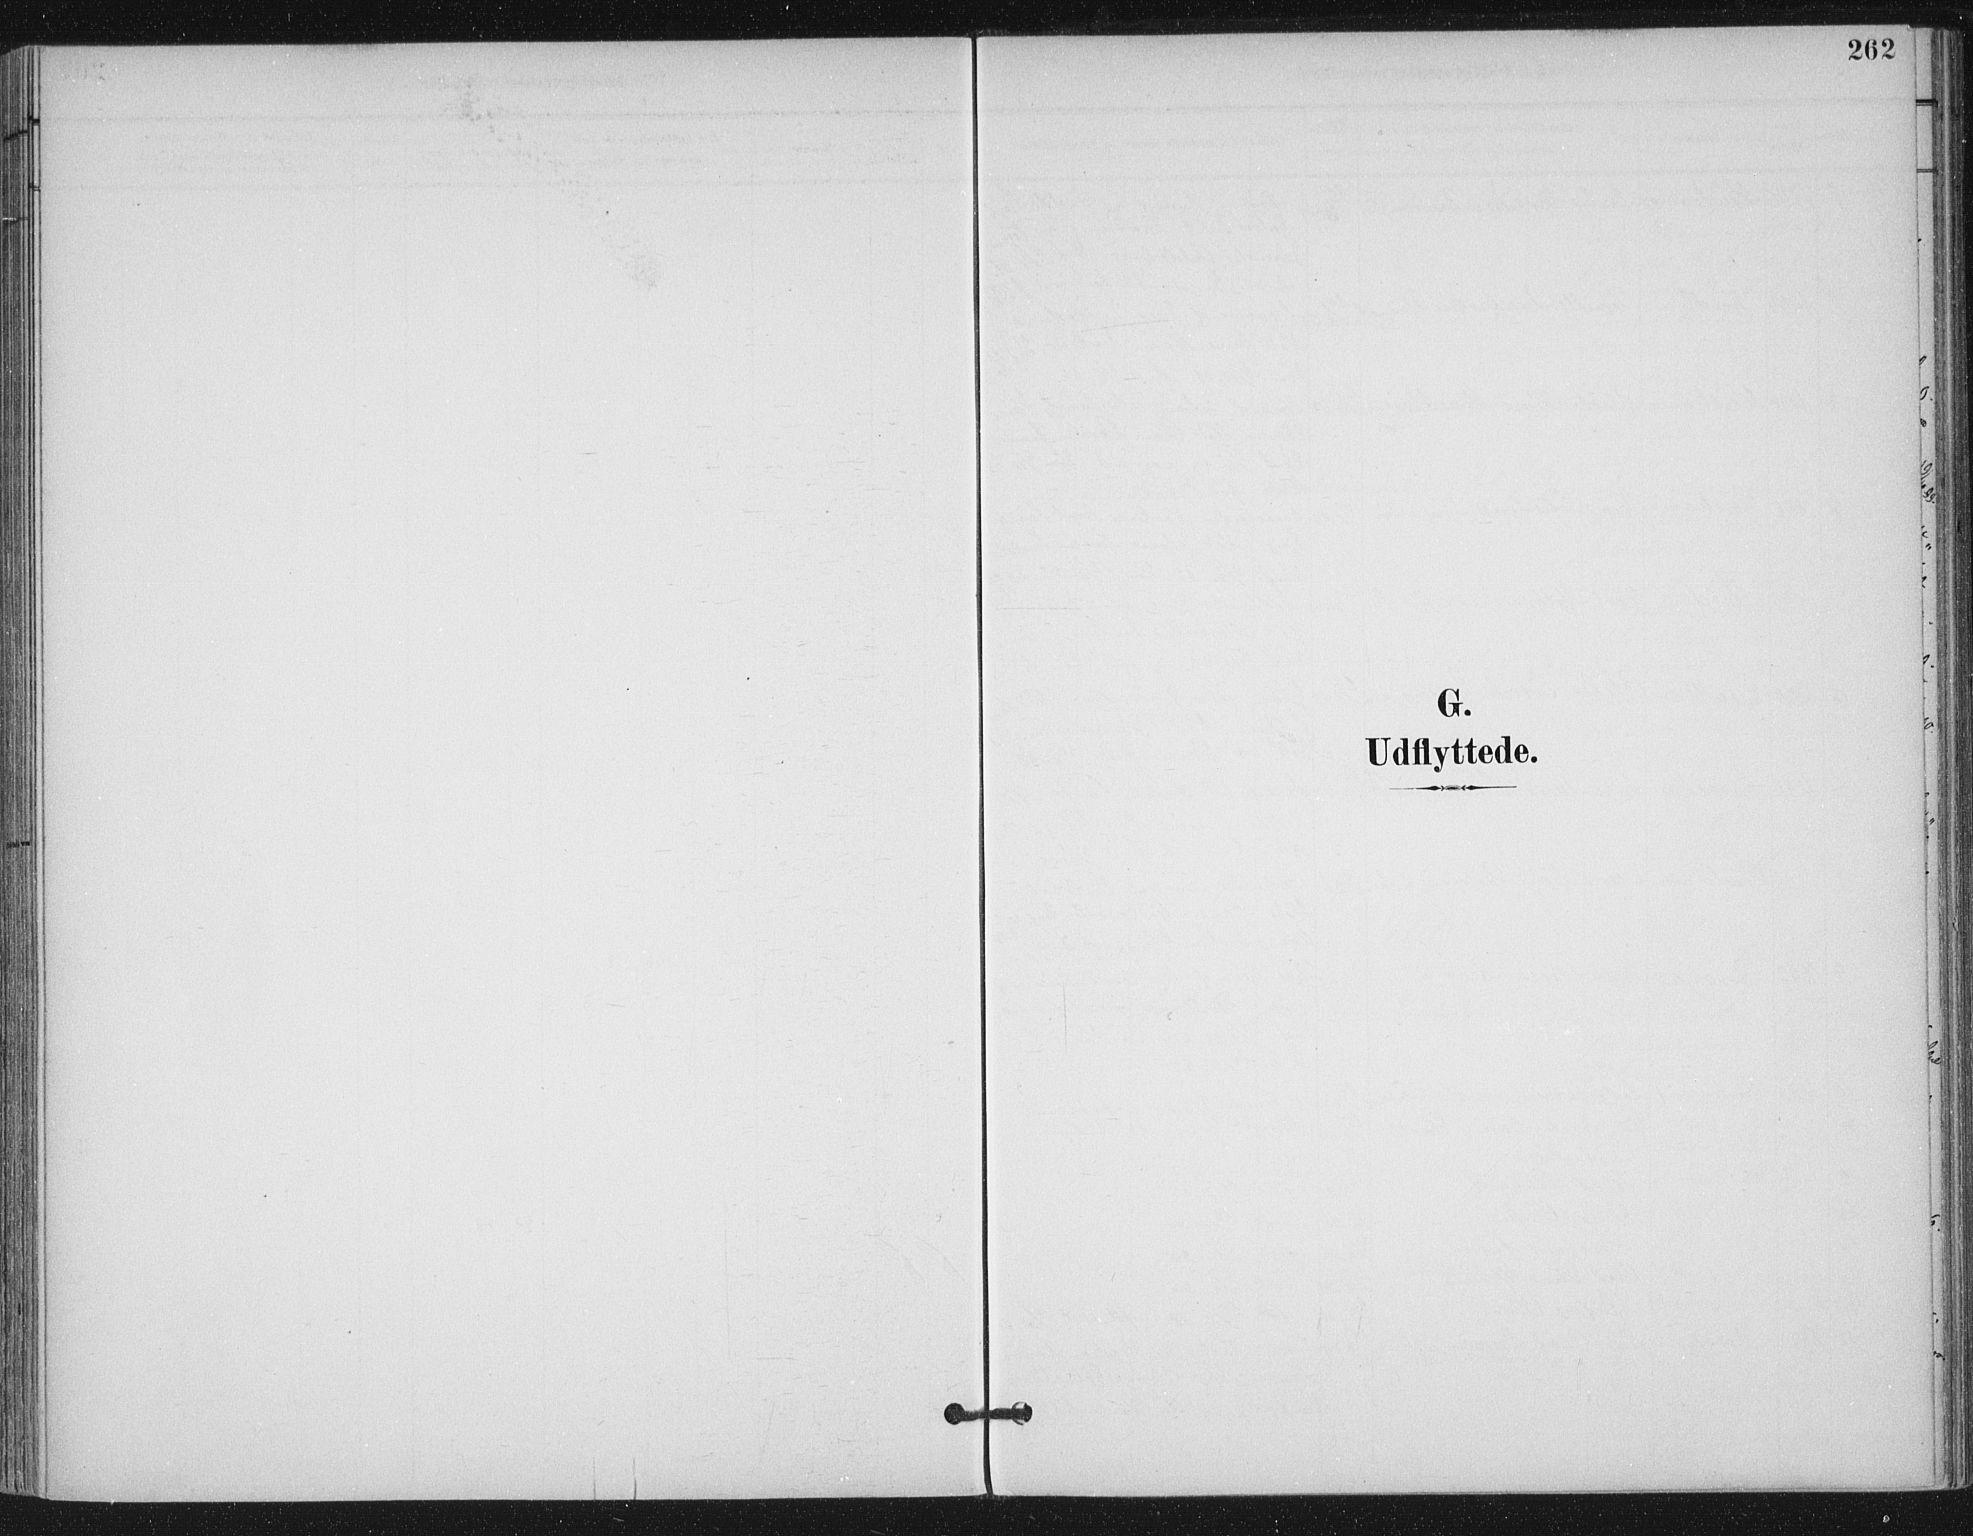 SAT, Ministerialprotokoller, klokkerbøker og fødselsregistre - Møre og Romsdal, 529/L0457: Ministerialbok nr. 529A07, 1894-1903, s. 262